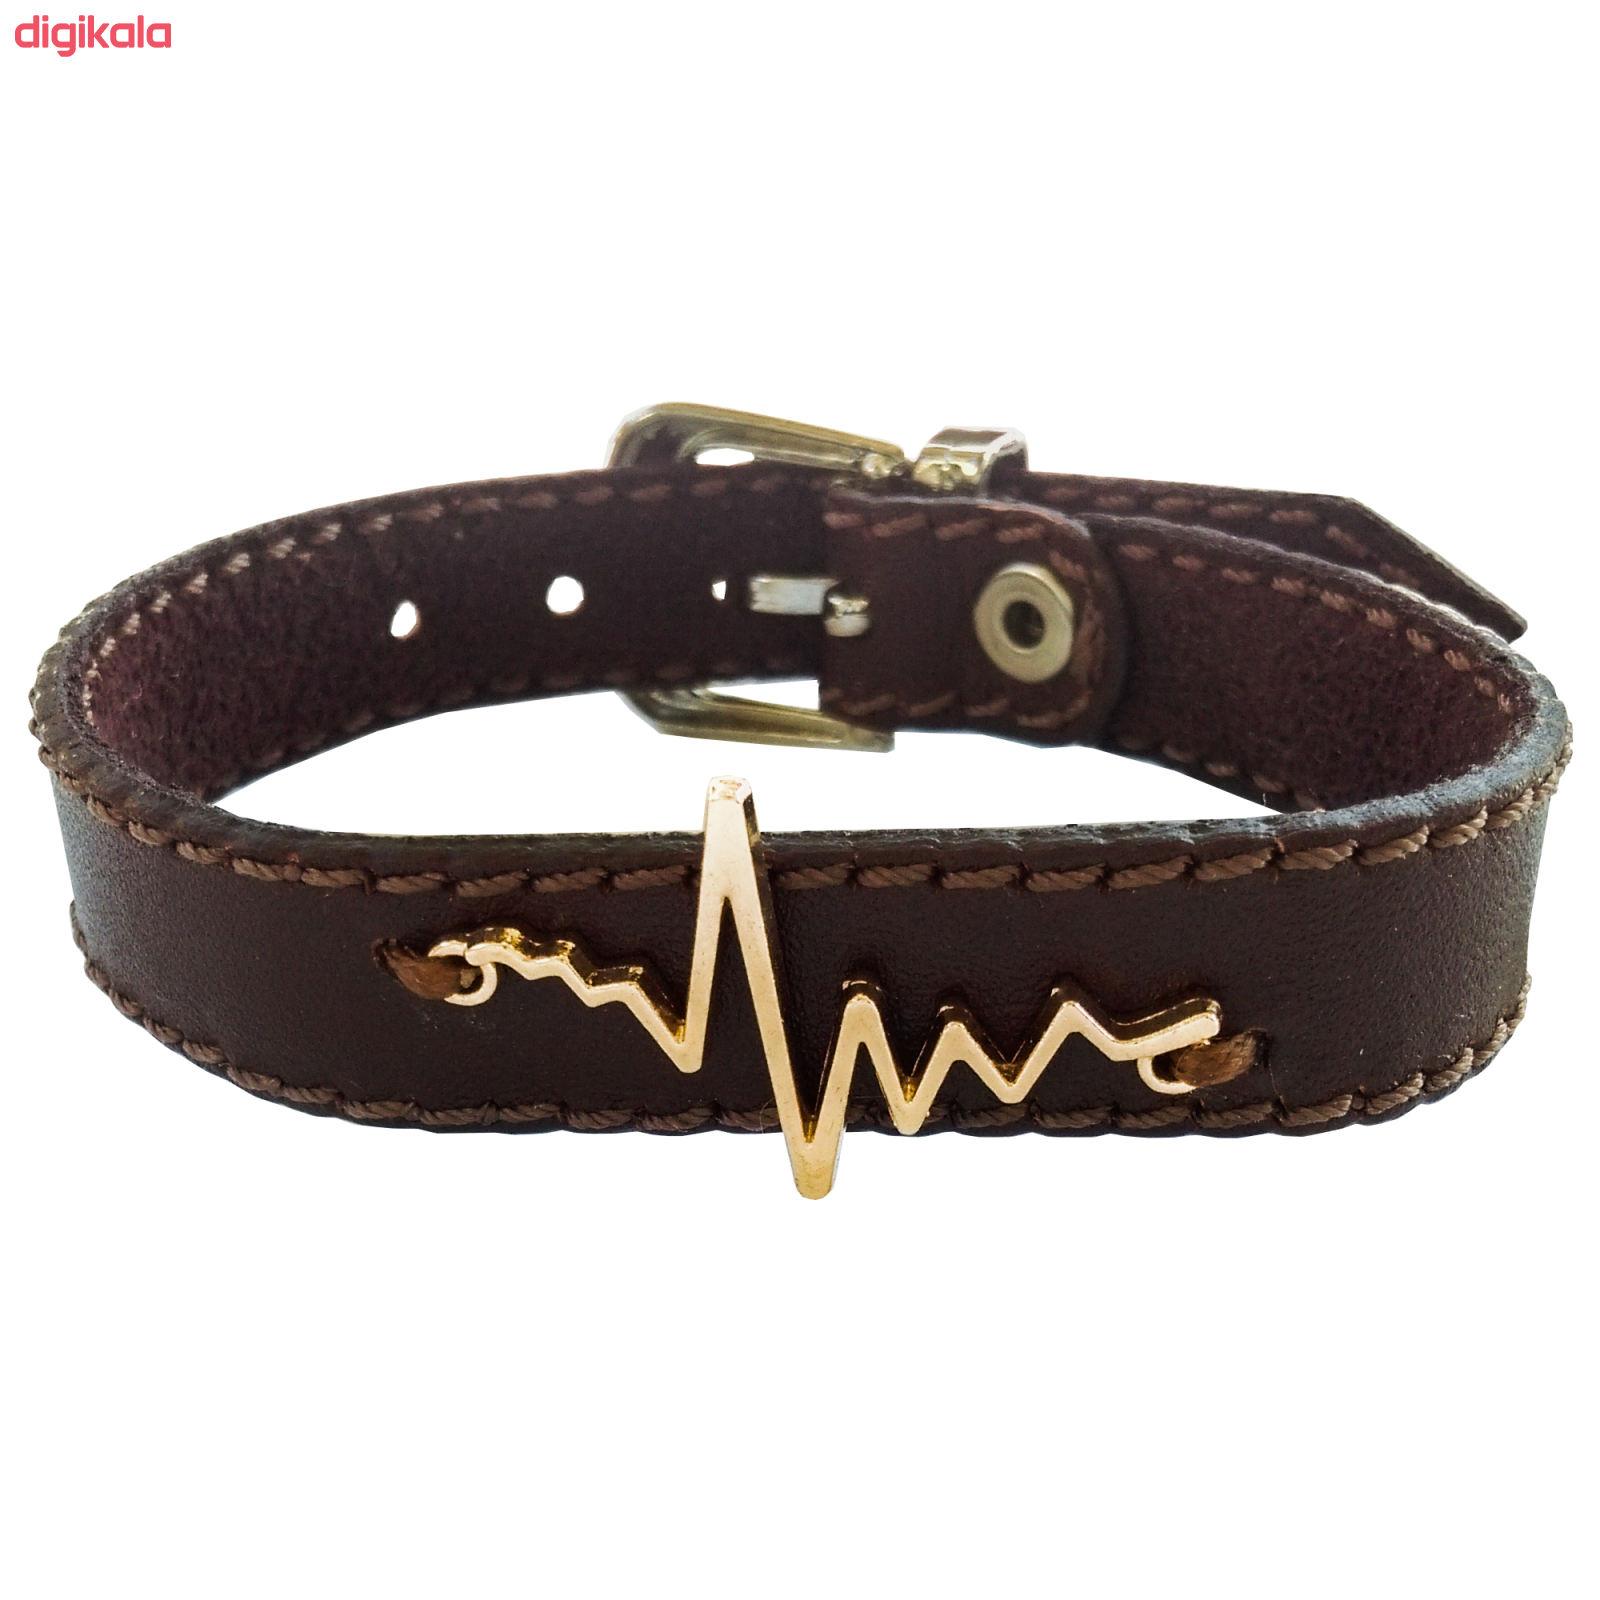 دستبند زنانه چرم وارک مدل پرهام کد rb59 main 1 3